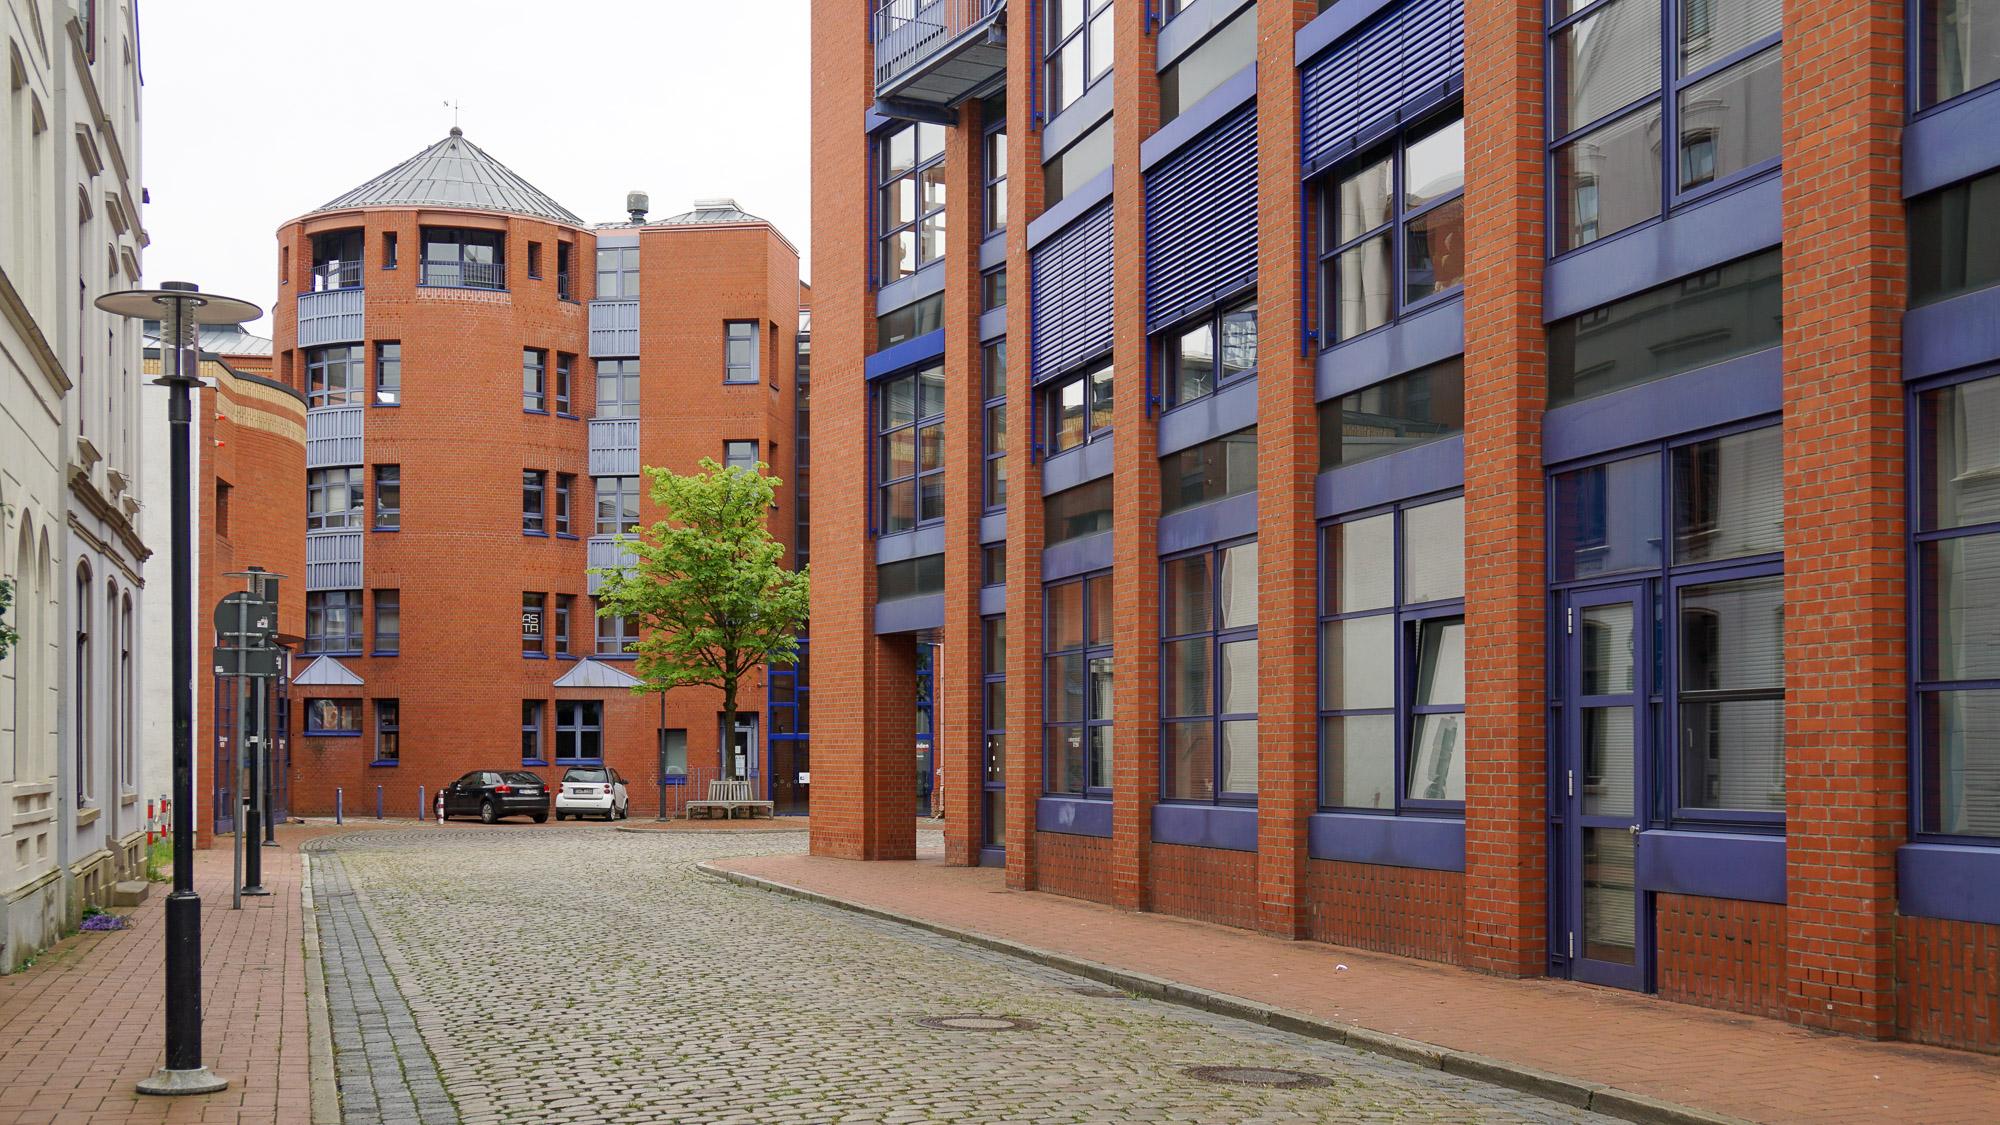 Gebäudeensemble aus rotem Backstein und blauen Metallstreben, Fensterrahmen etc.